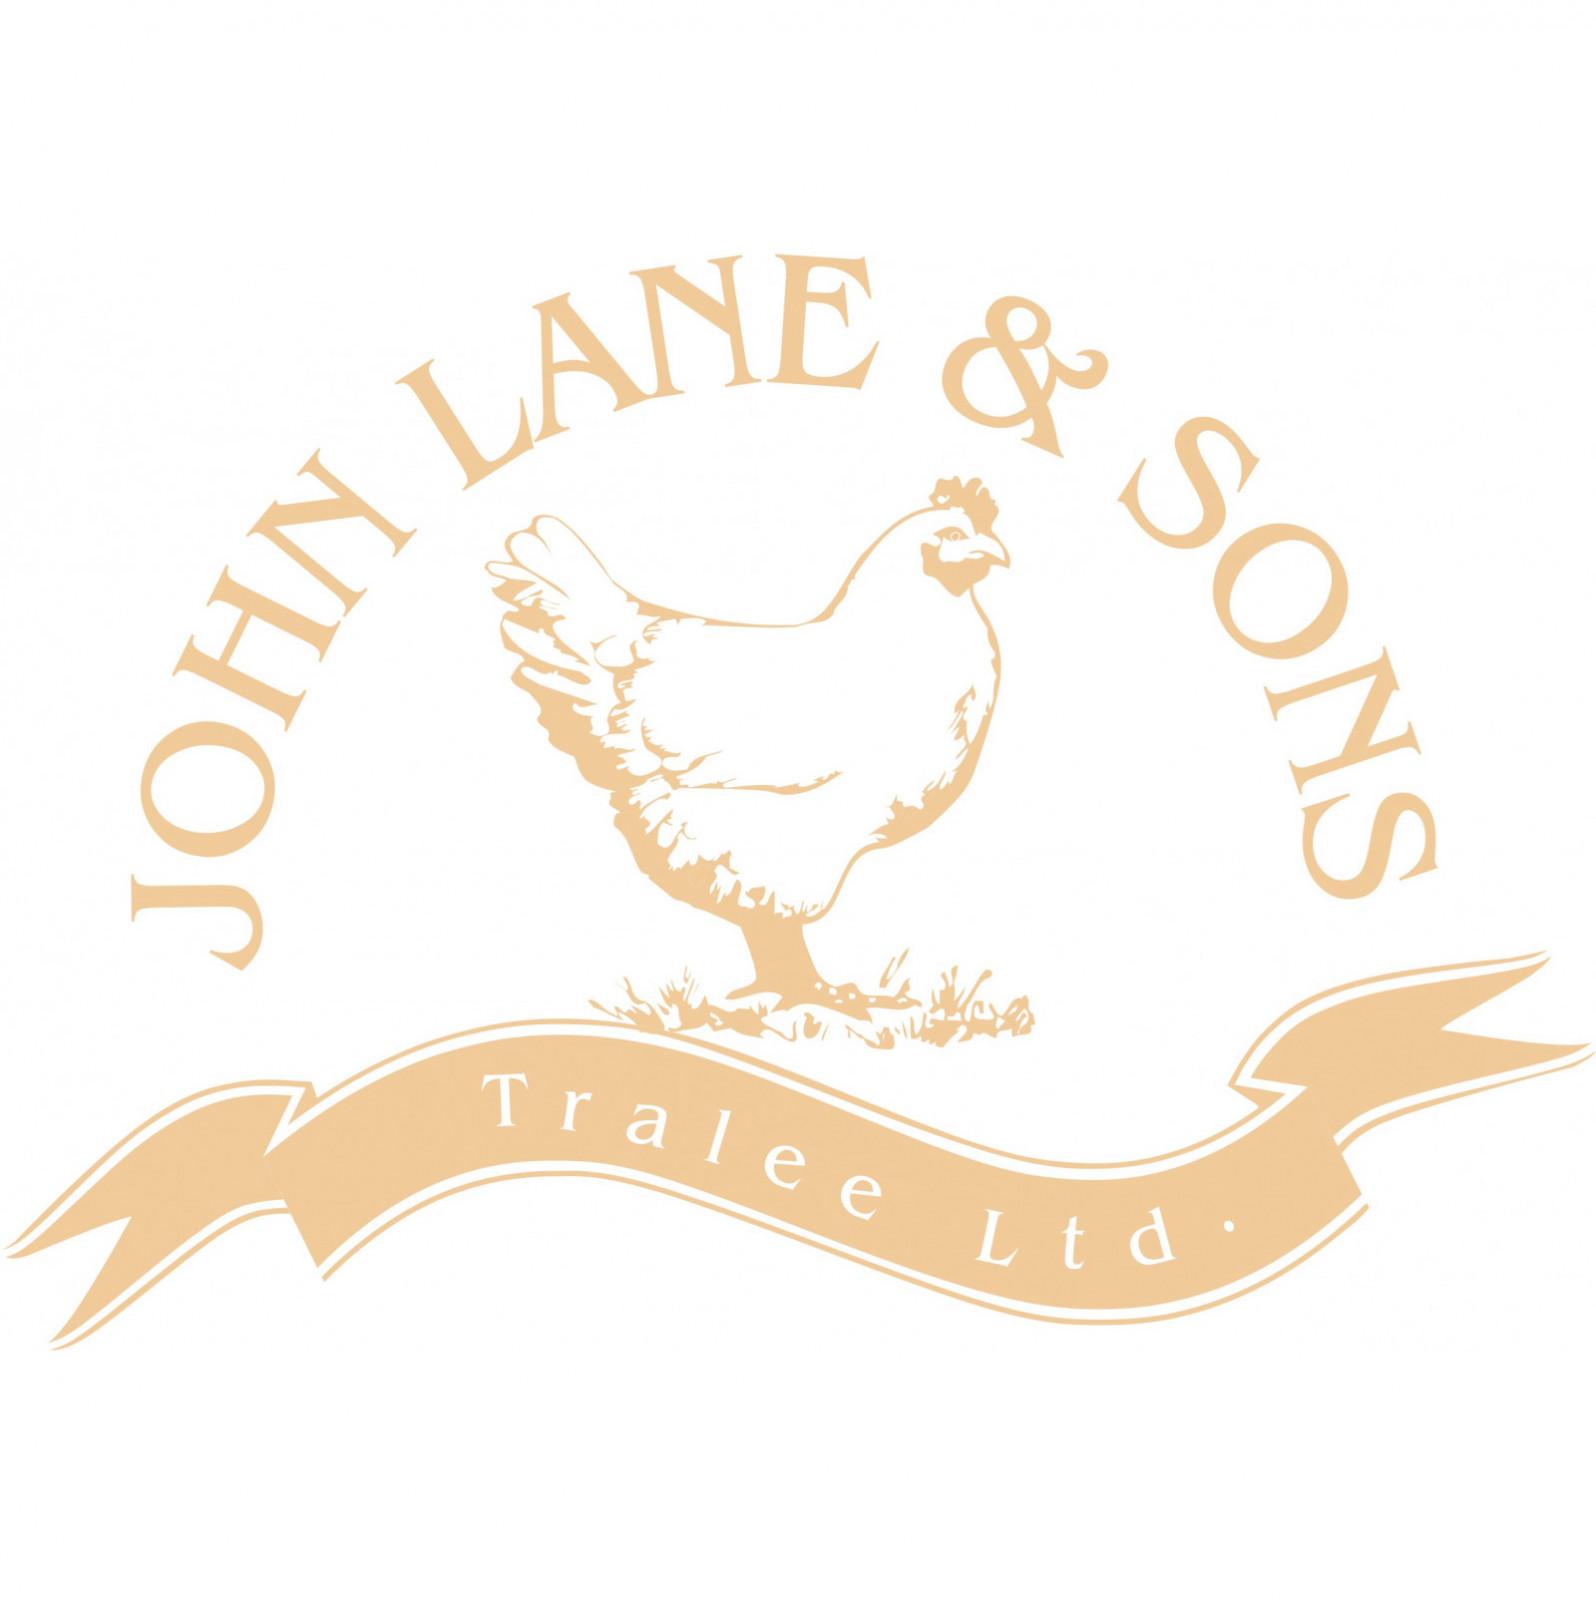 JOHN LANE LOGO 1